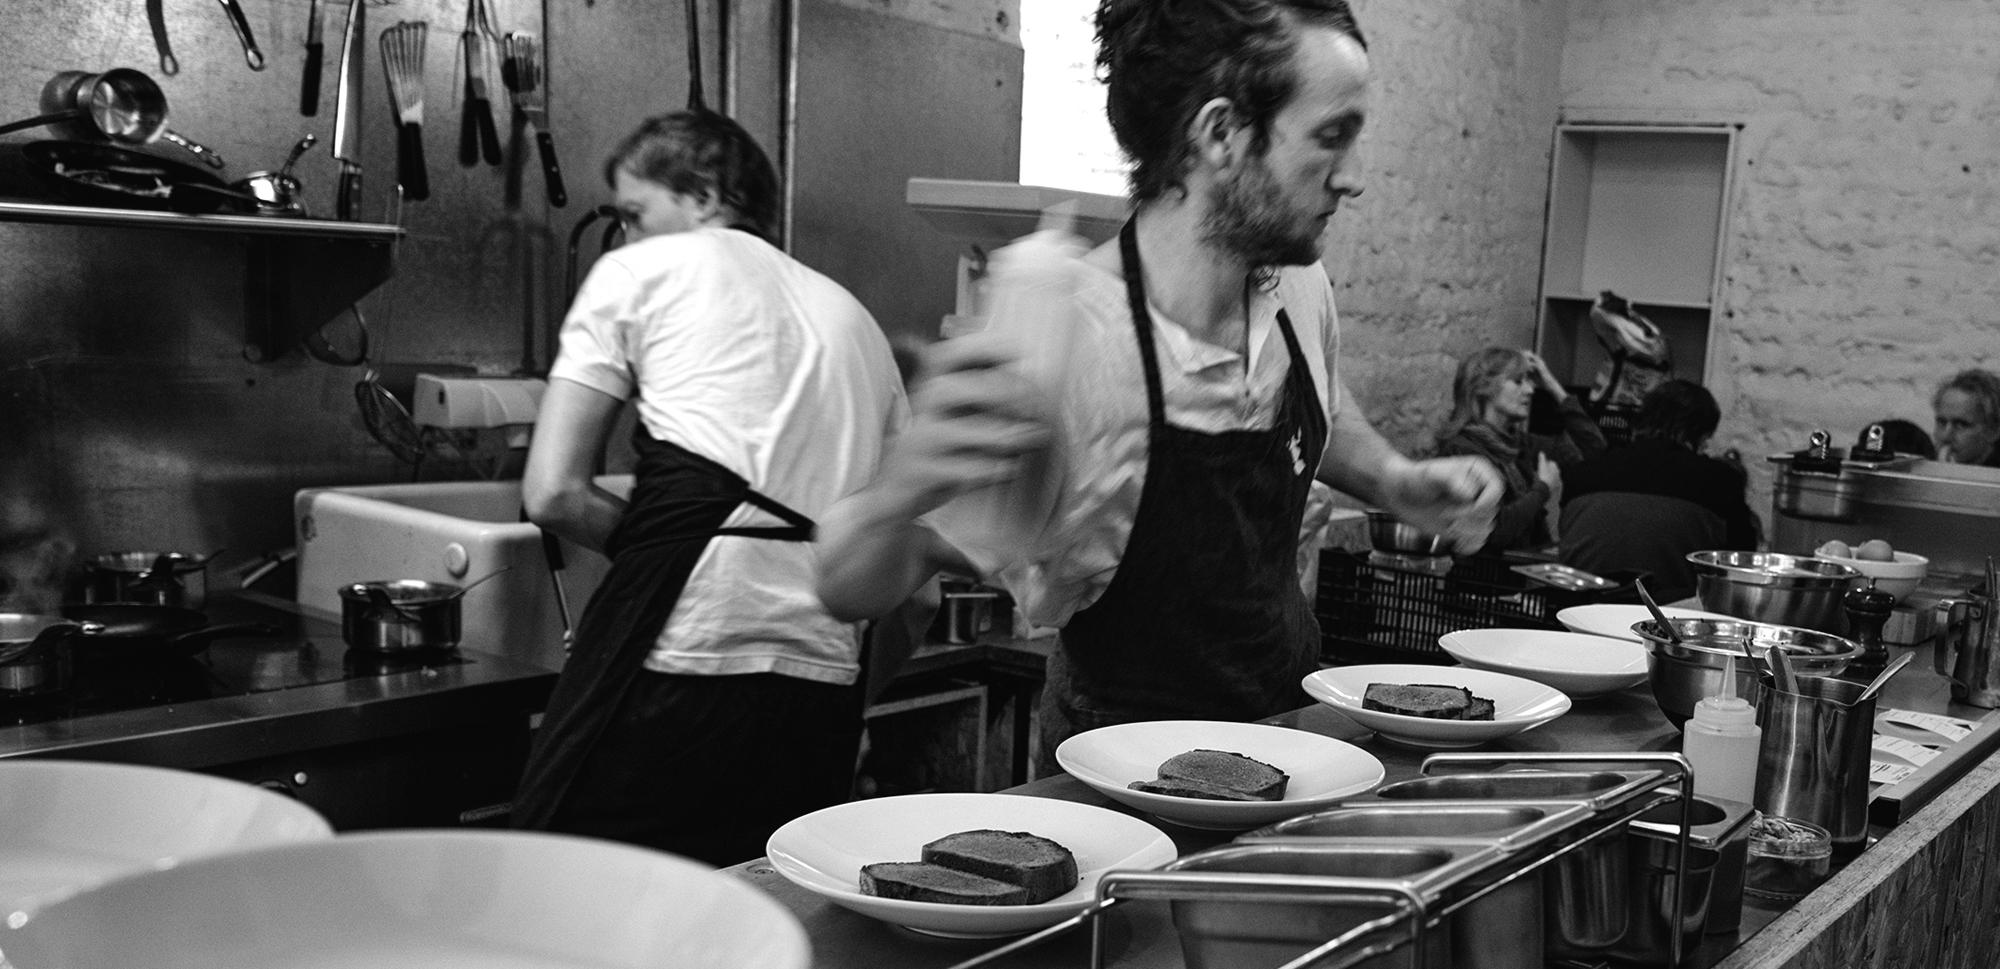 Taste Changers chefs cooking in Silo restaurant